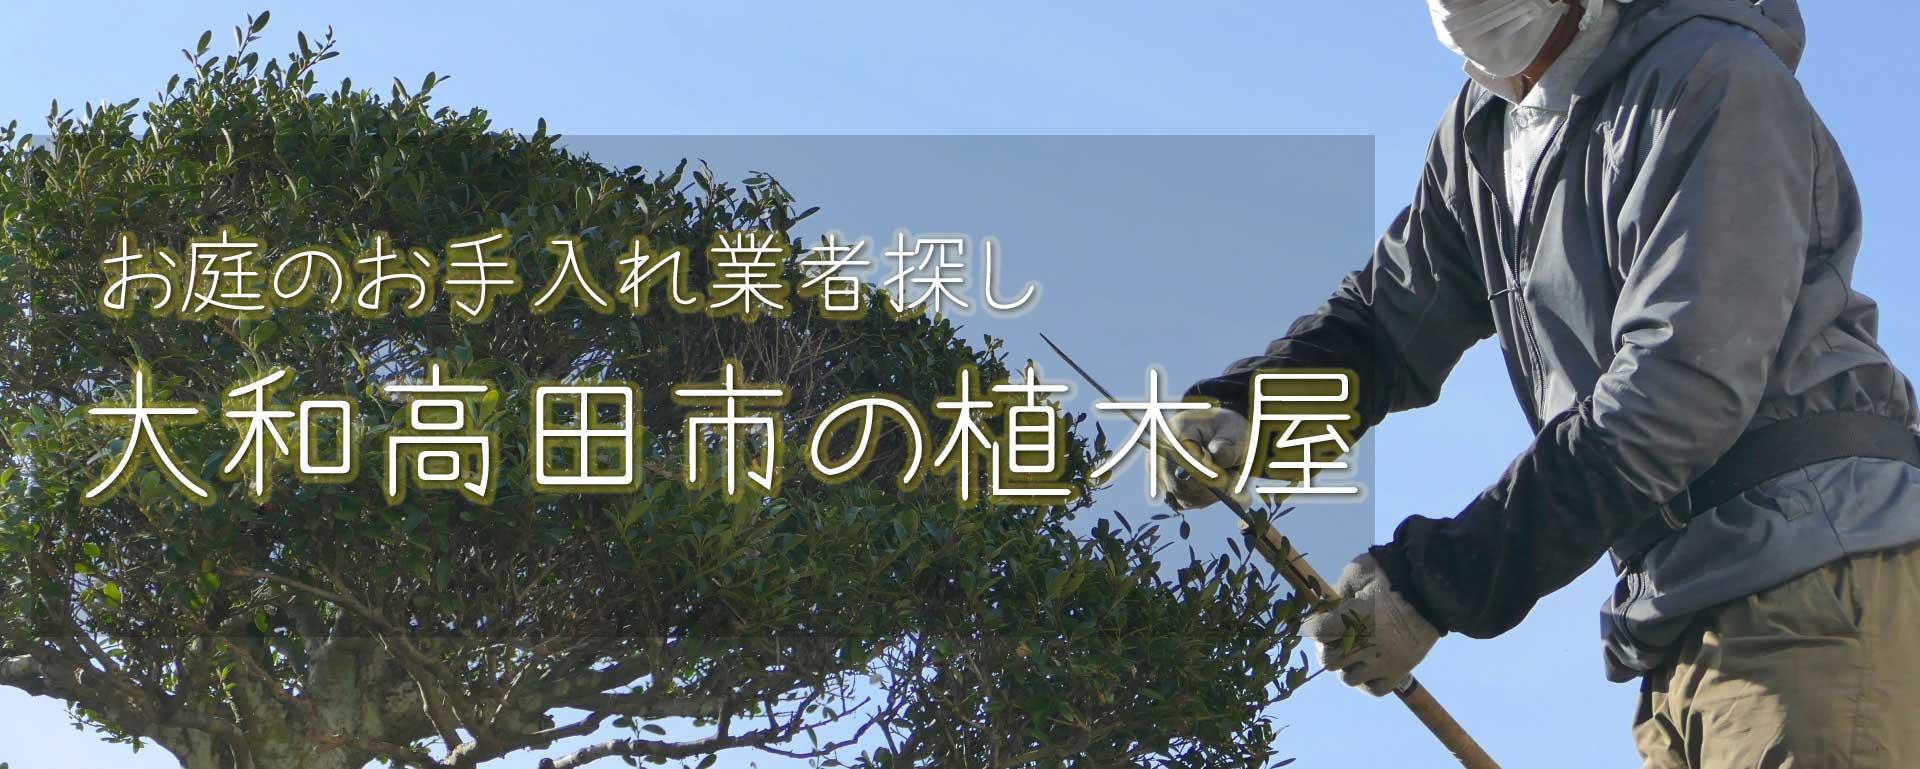 見積り無料の高田市の植木屋